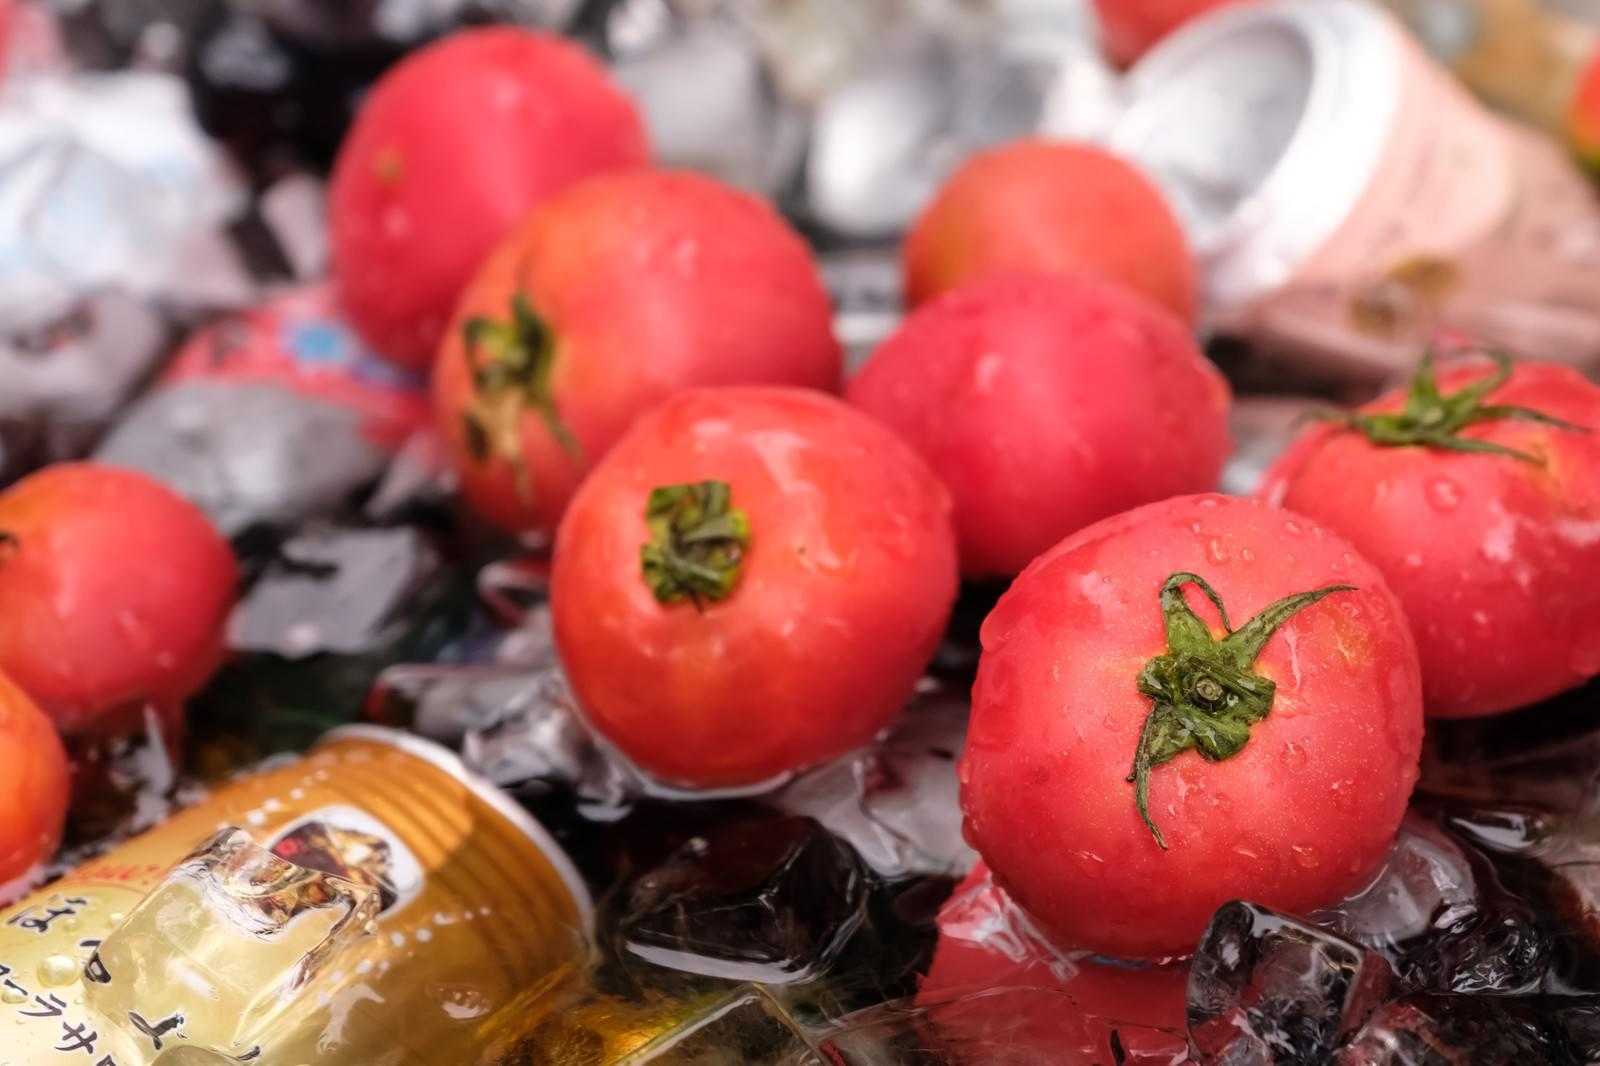 「缶ビールと一緒に冷やしたトマト | 写真の無料素材・フリー素材 - ぱくたそ」の写真